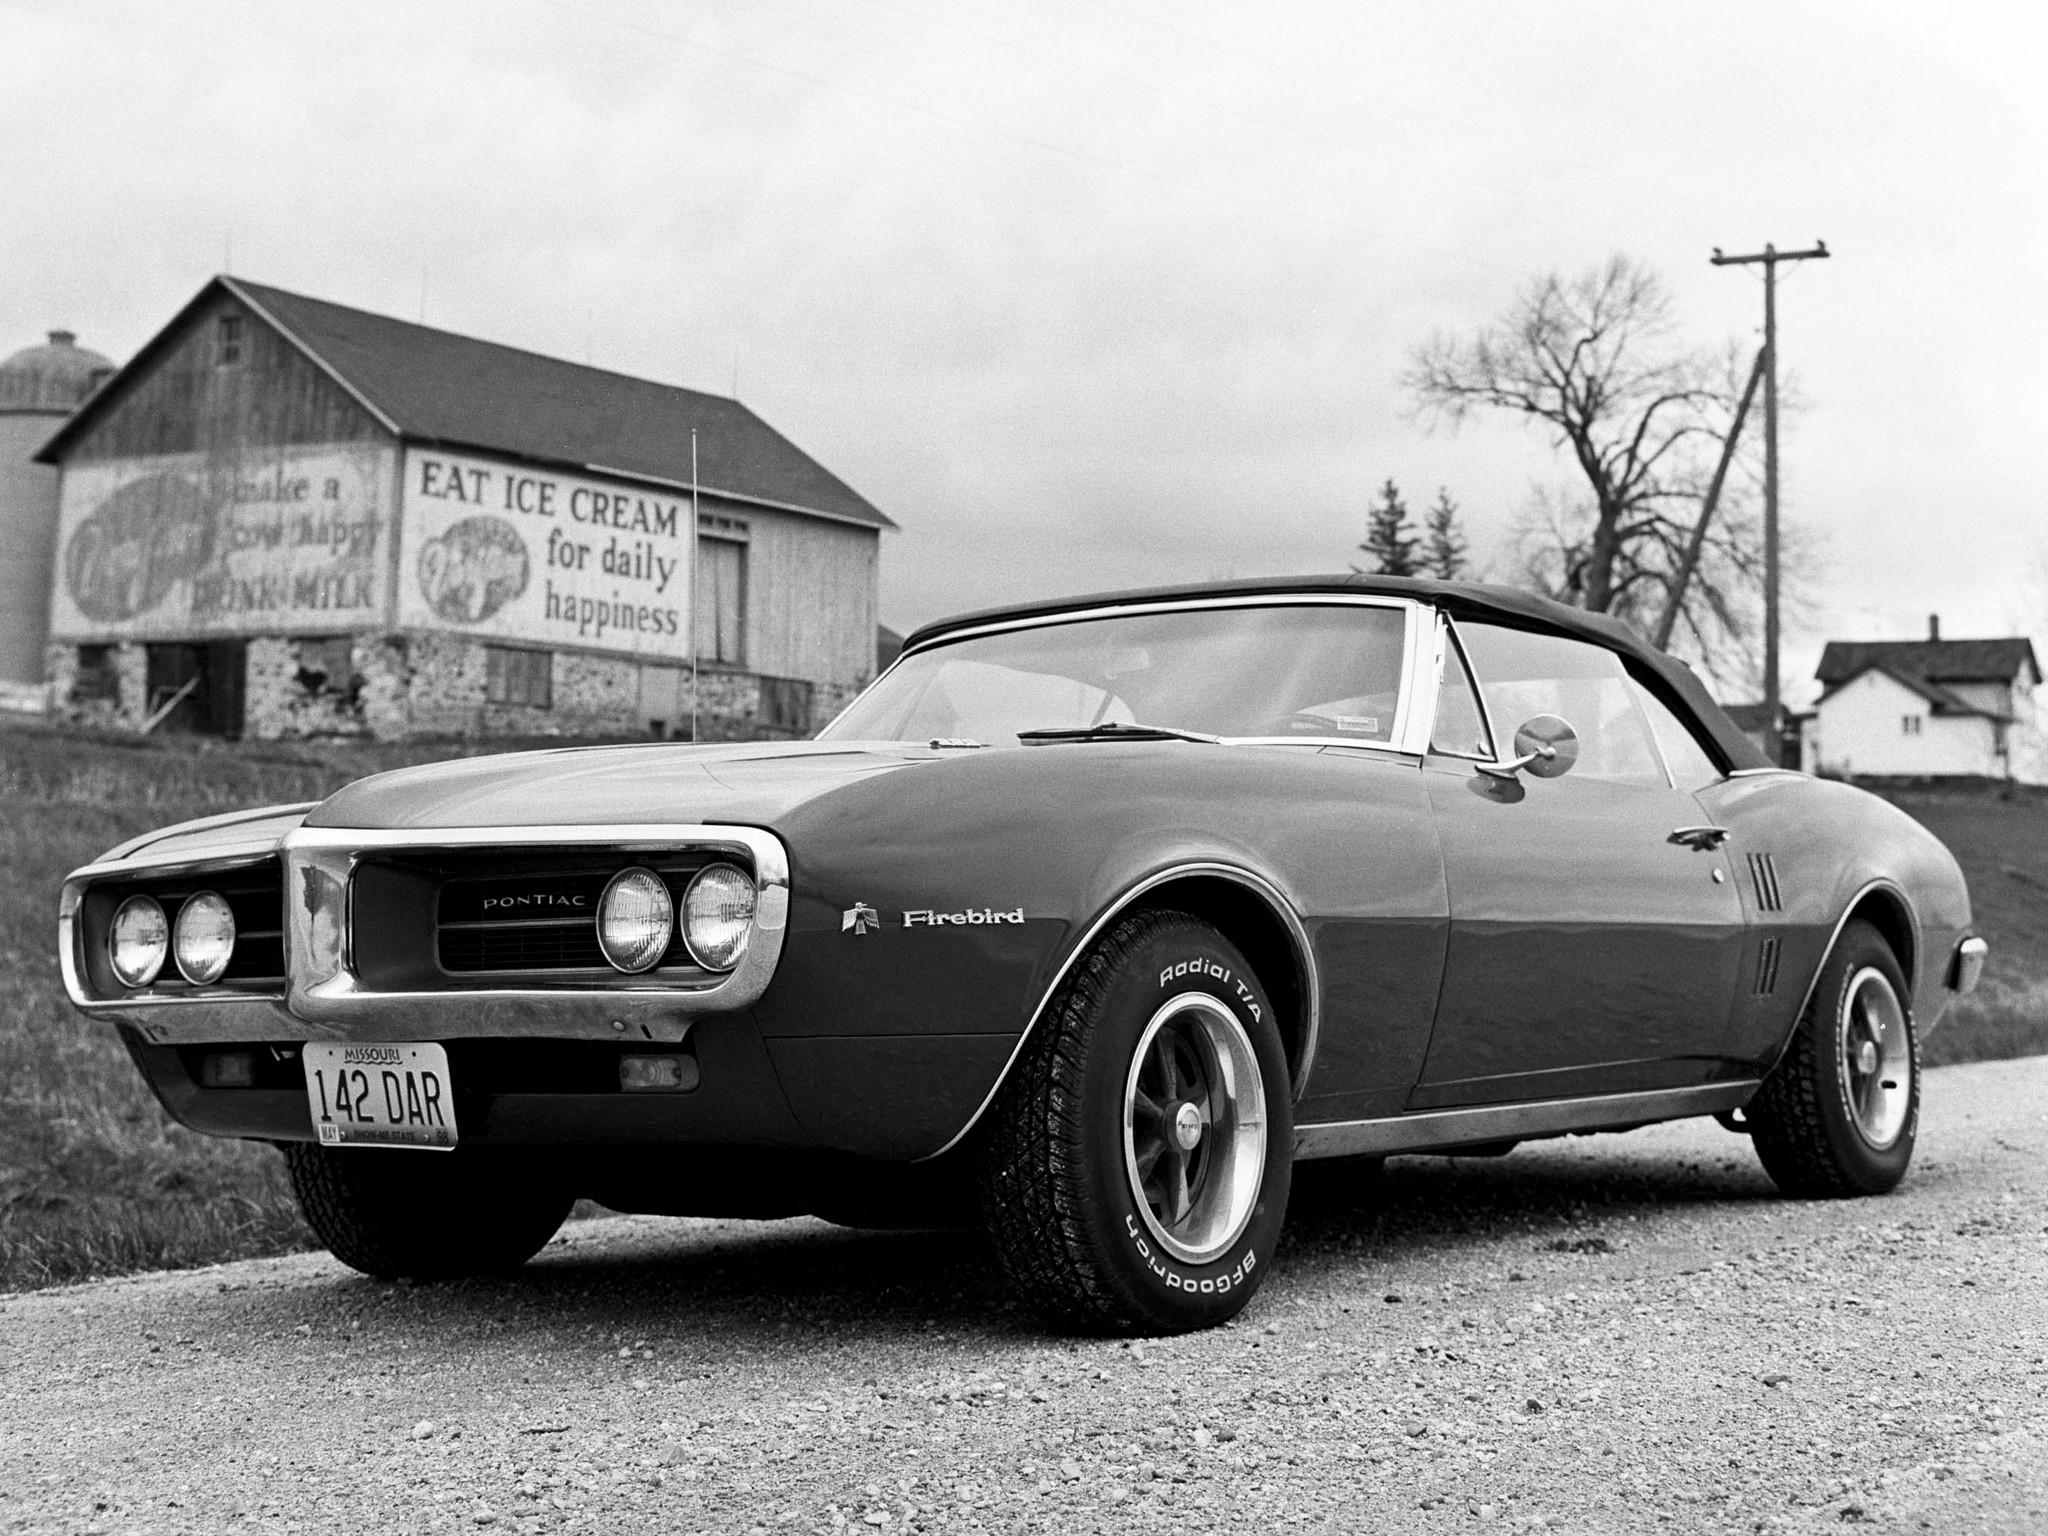 1967 Pontiac Firebird Convertible 22367 muscle classic wallpaper |  | 115700 | WallpaperUP